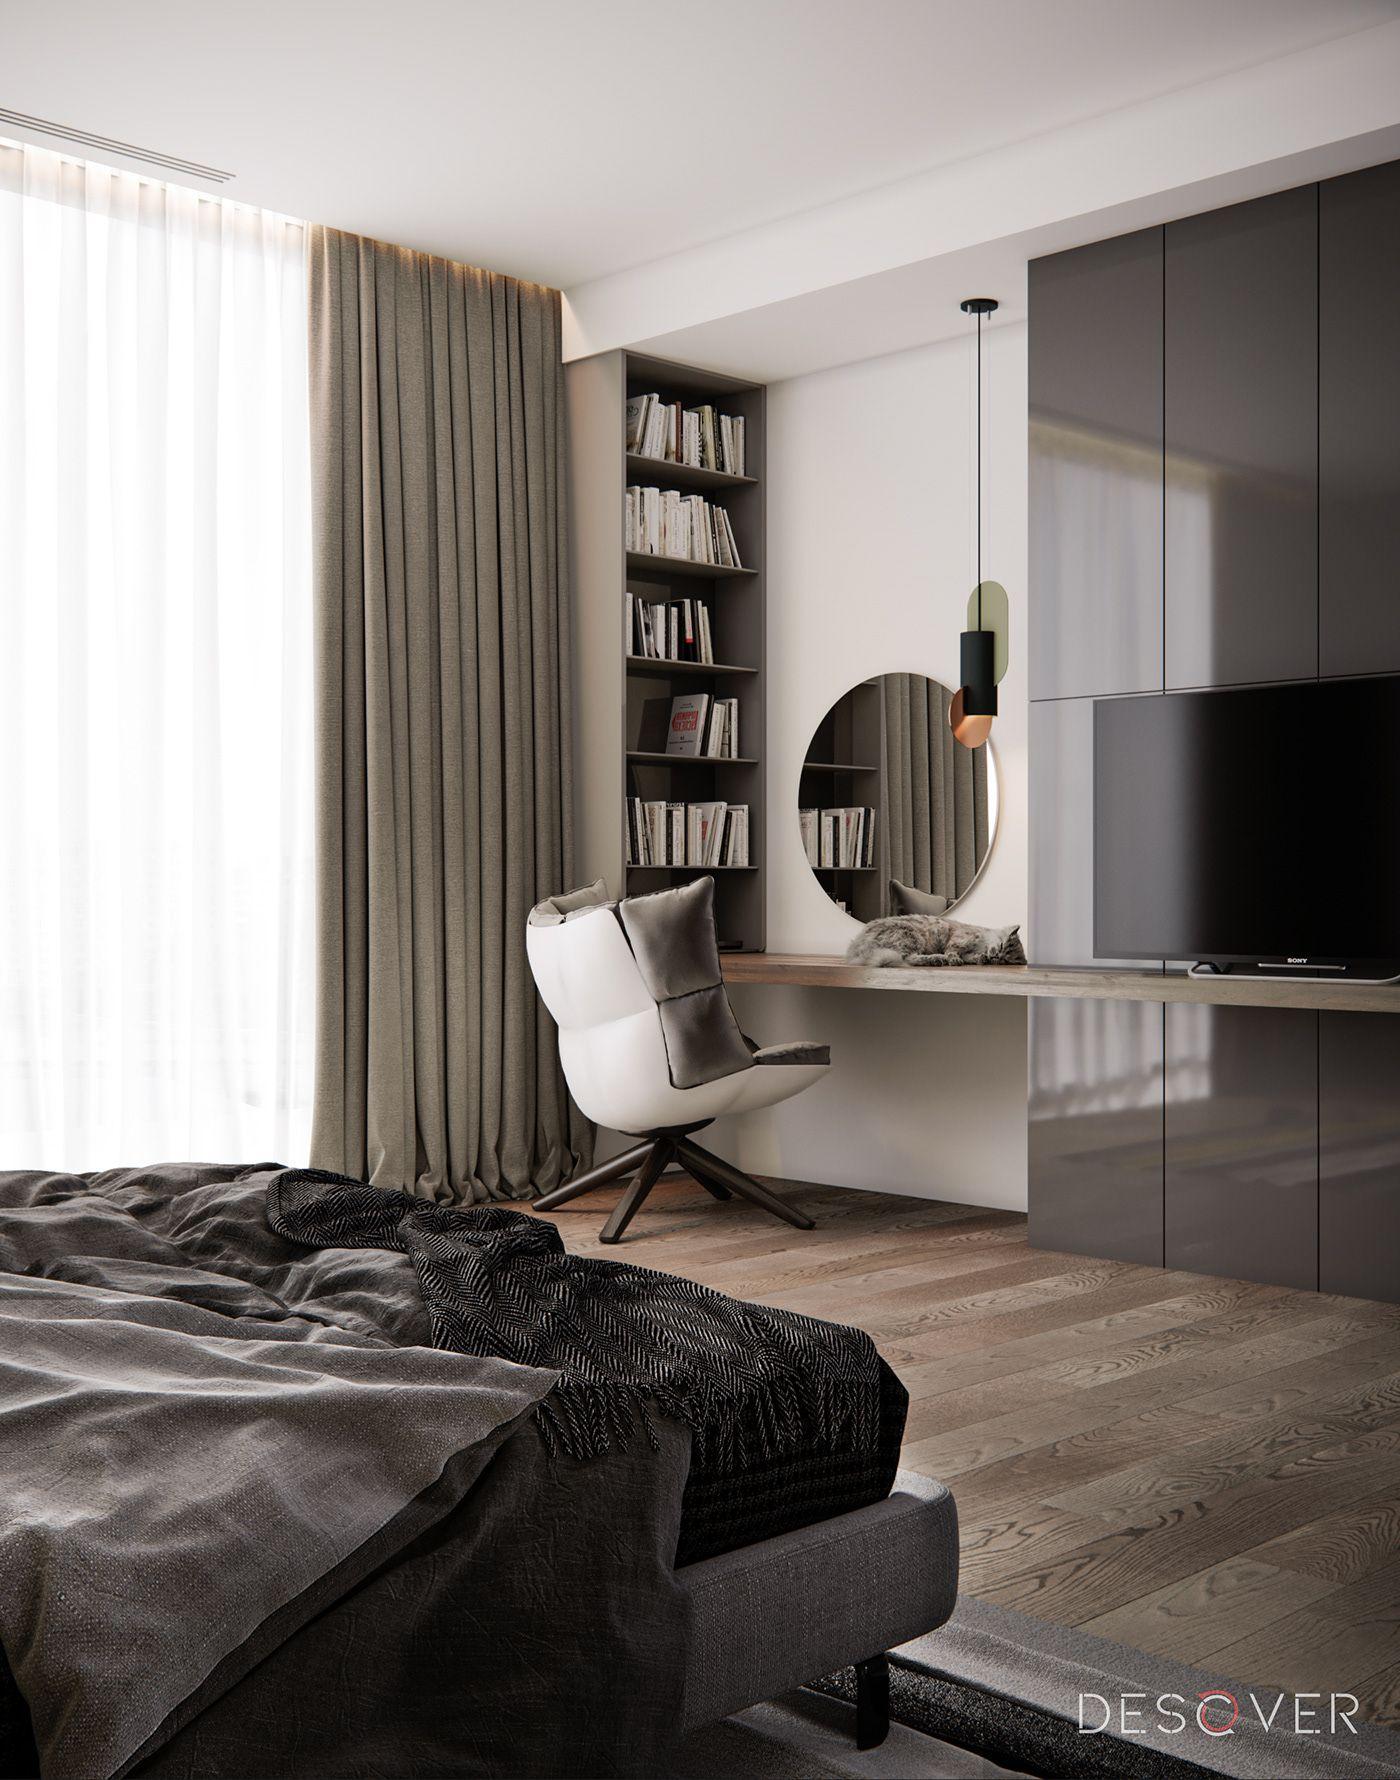 Flexi 2 Room Interior Design: Modern Apartment Interior Design